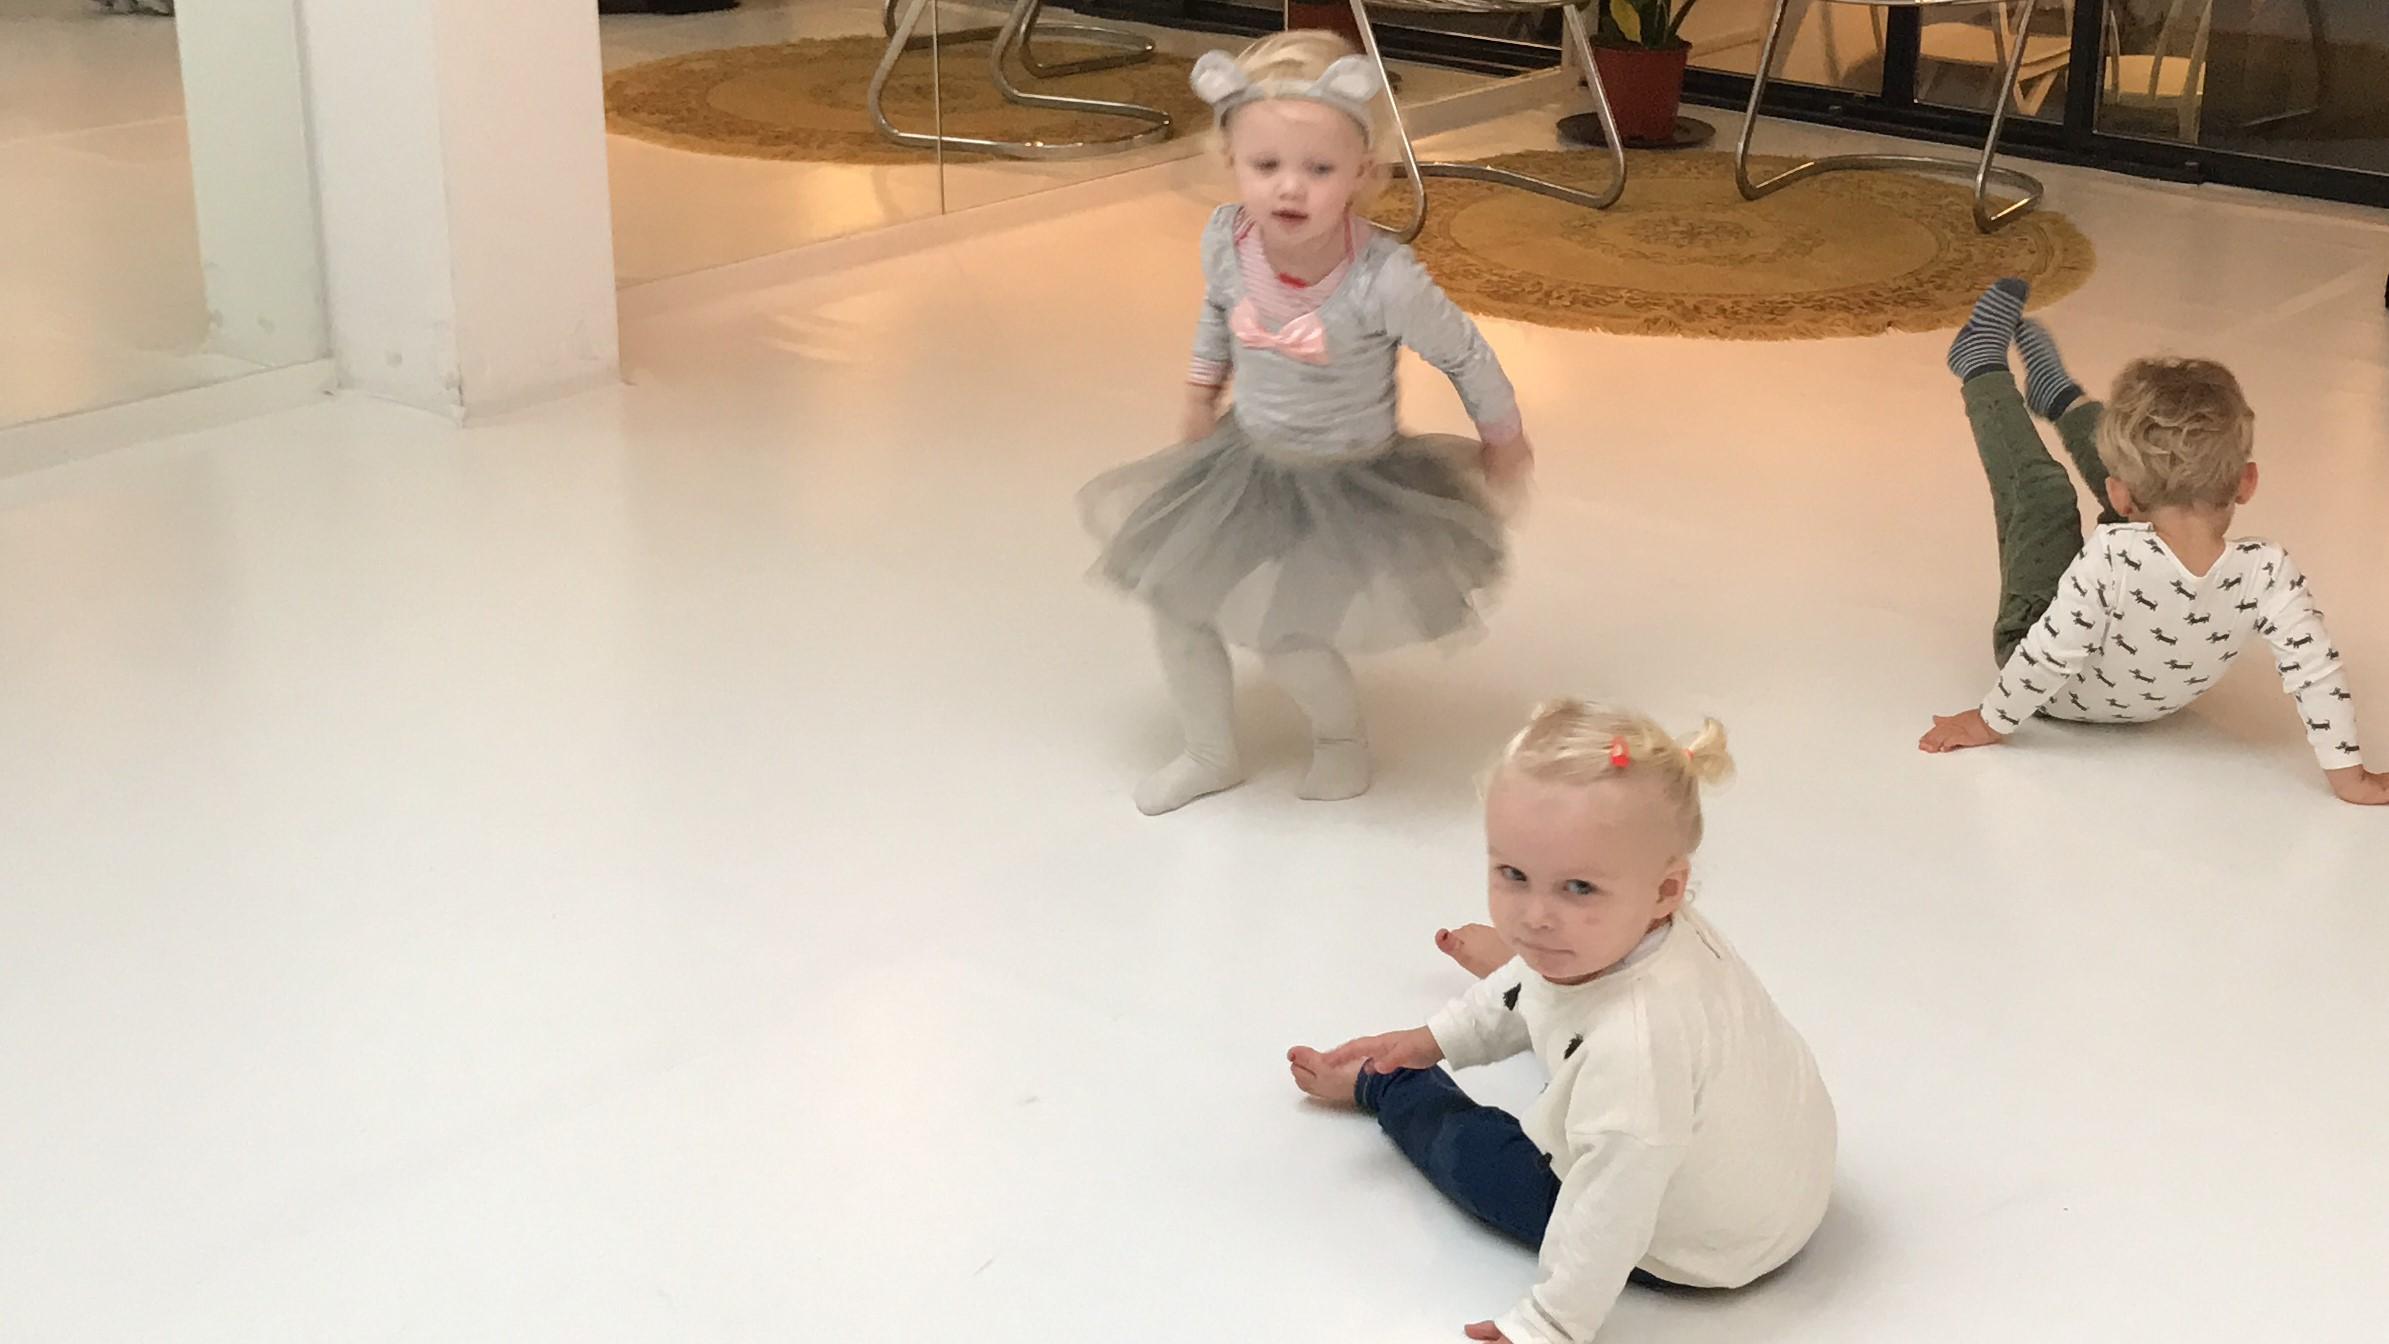 10-17-peuterdans-twee-jaar-2-kinderen-peuter-sport-bewegen-gezond-amsterdam-oost-vrijdag-dinsdag-dansen-dans-kastanje-herfst-baby-activiteit-creativ-haus